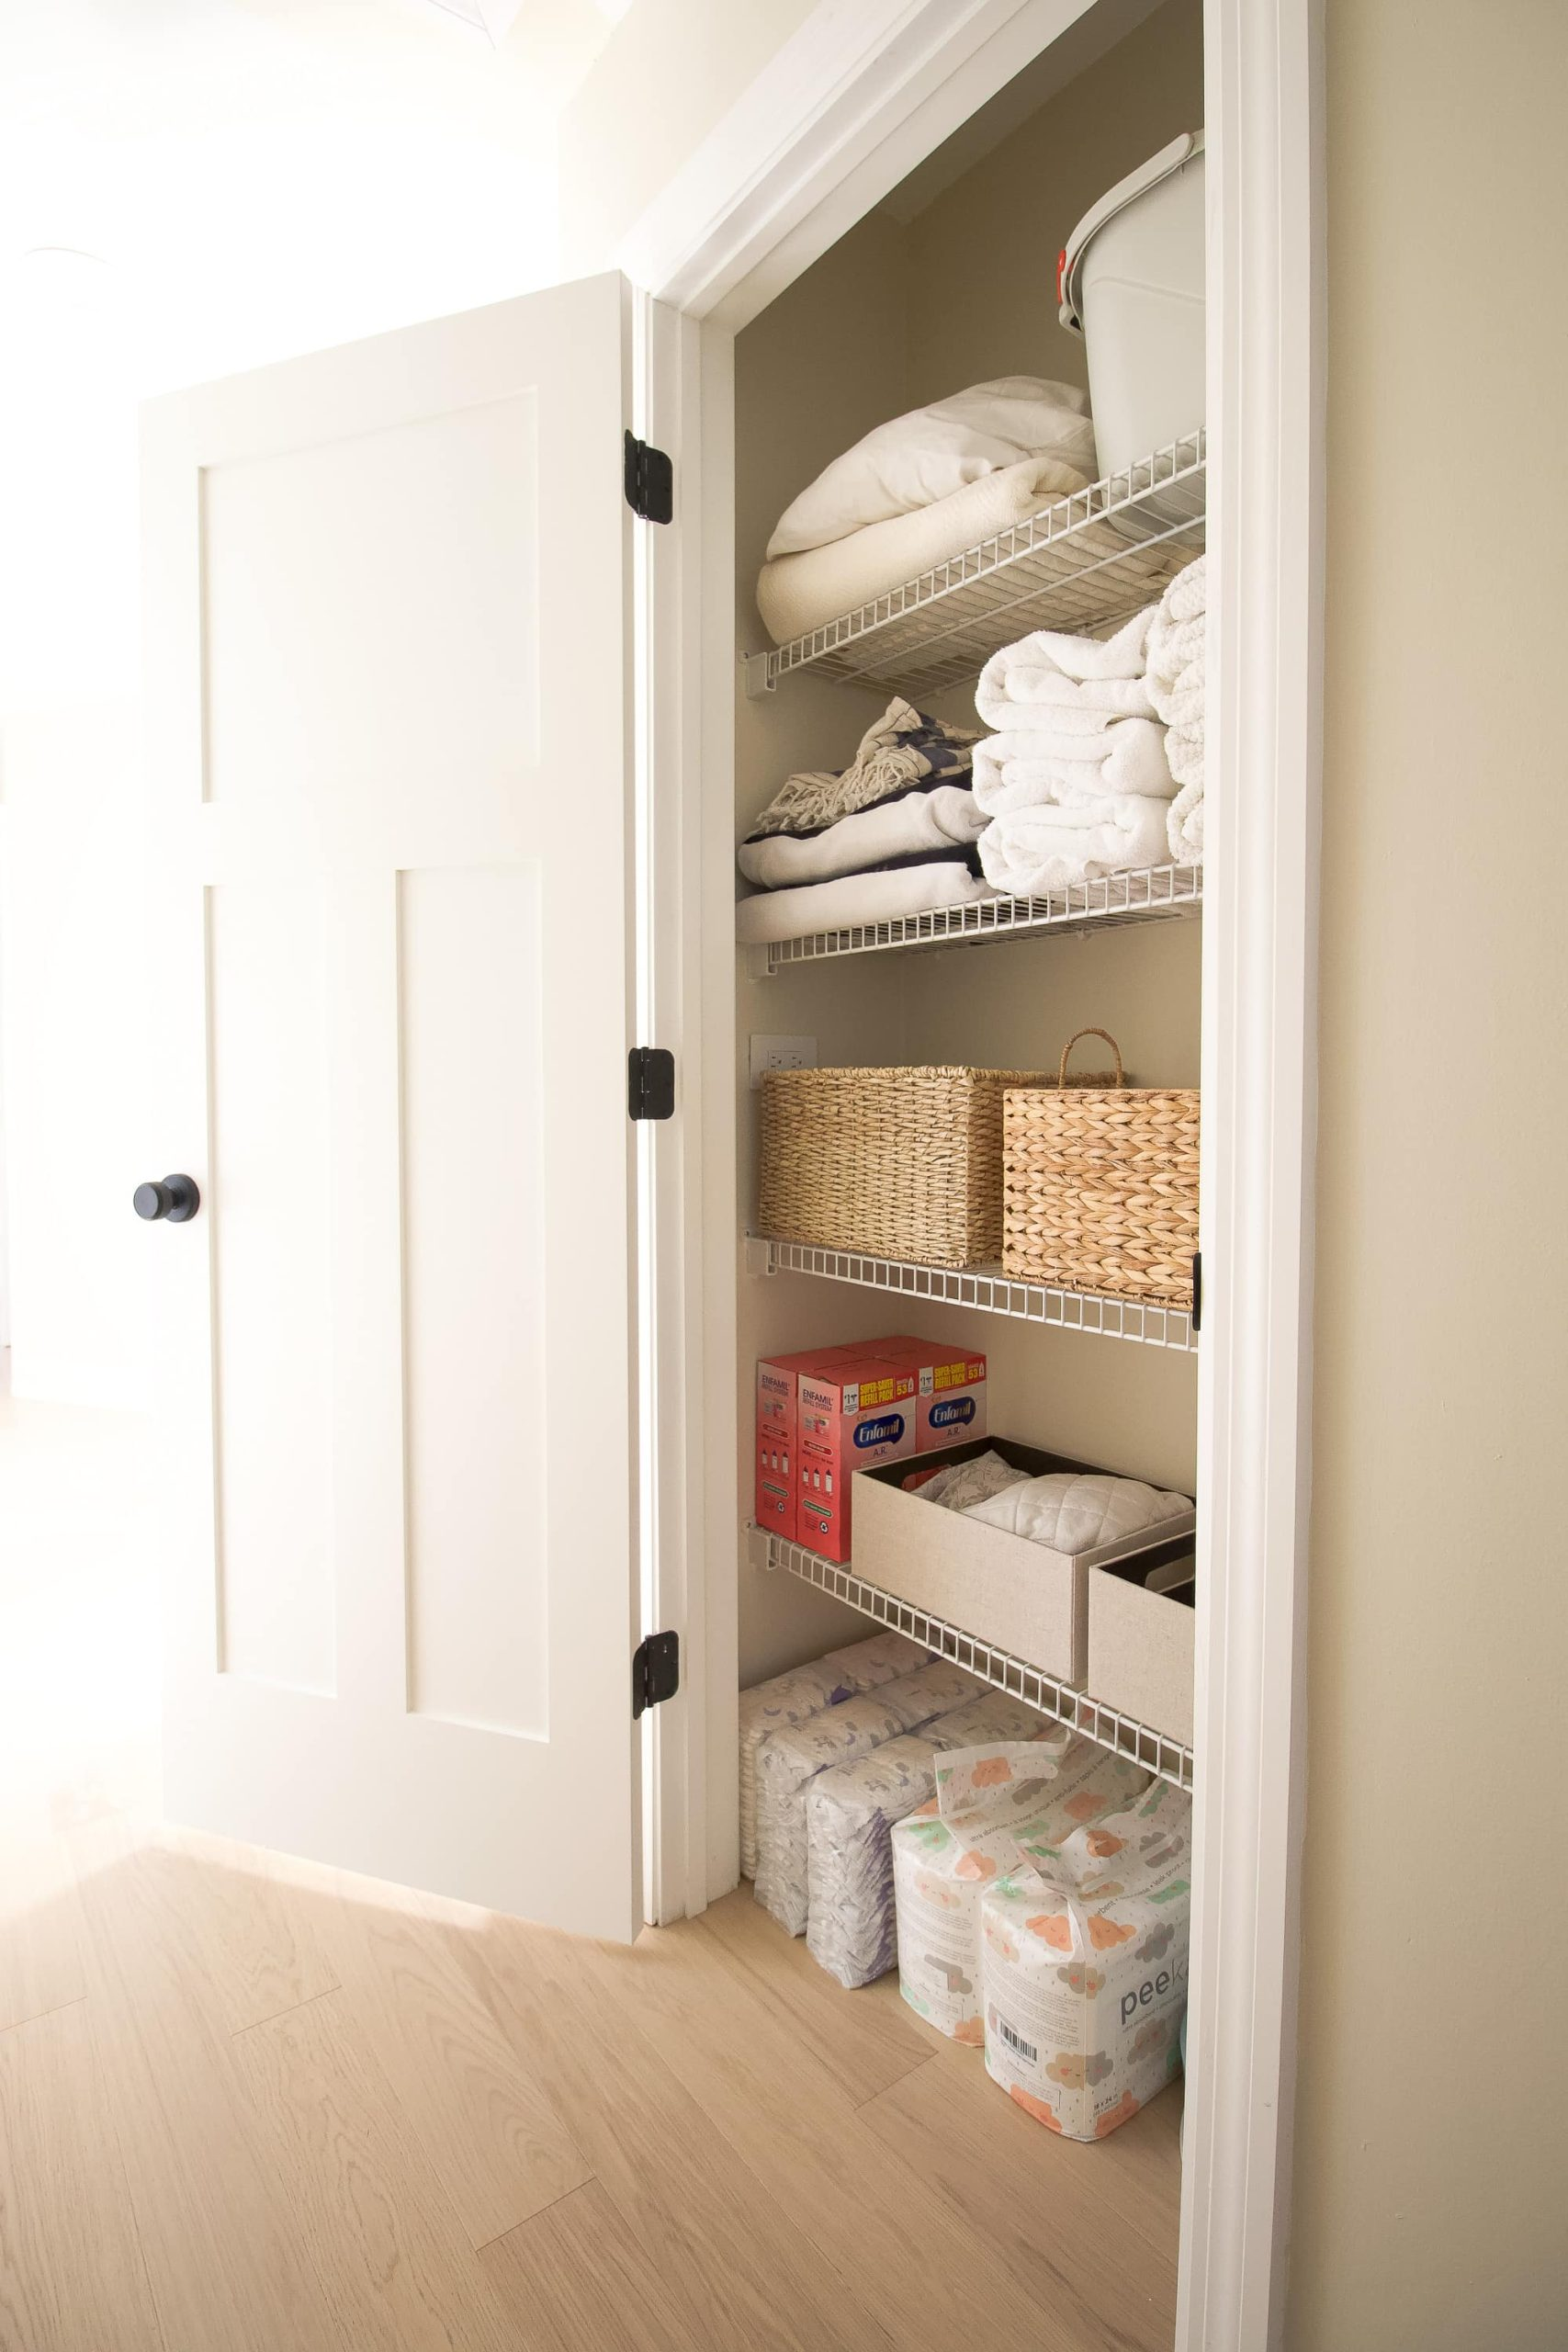 Linen closet after